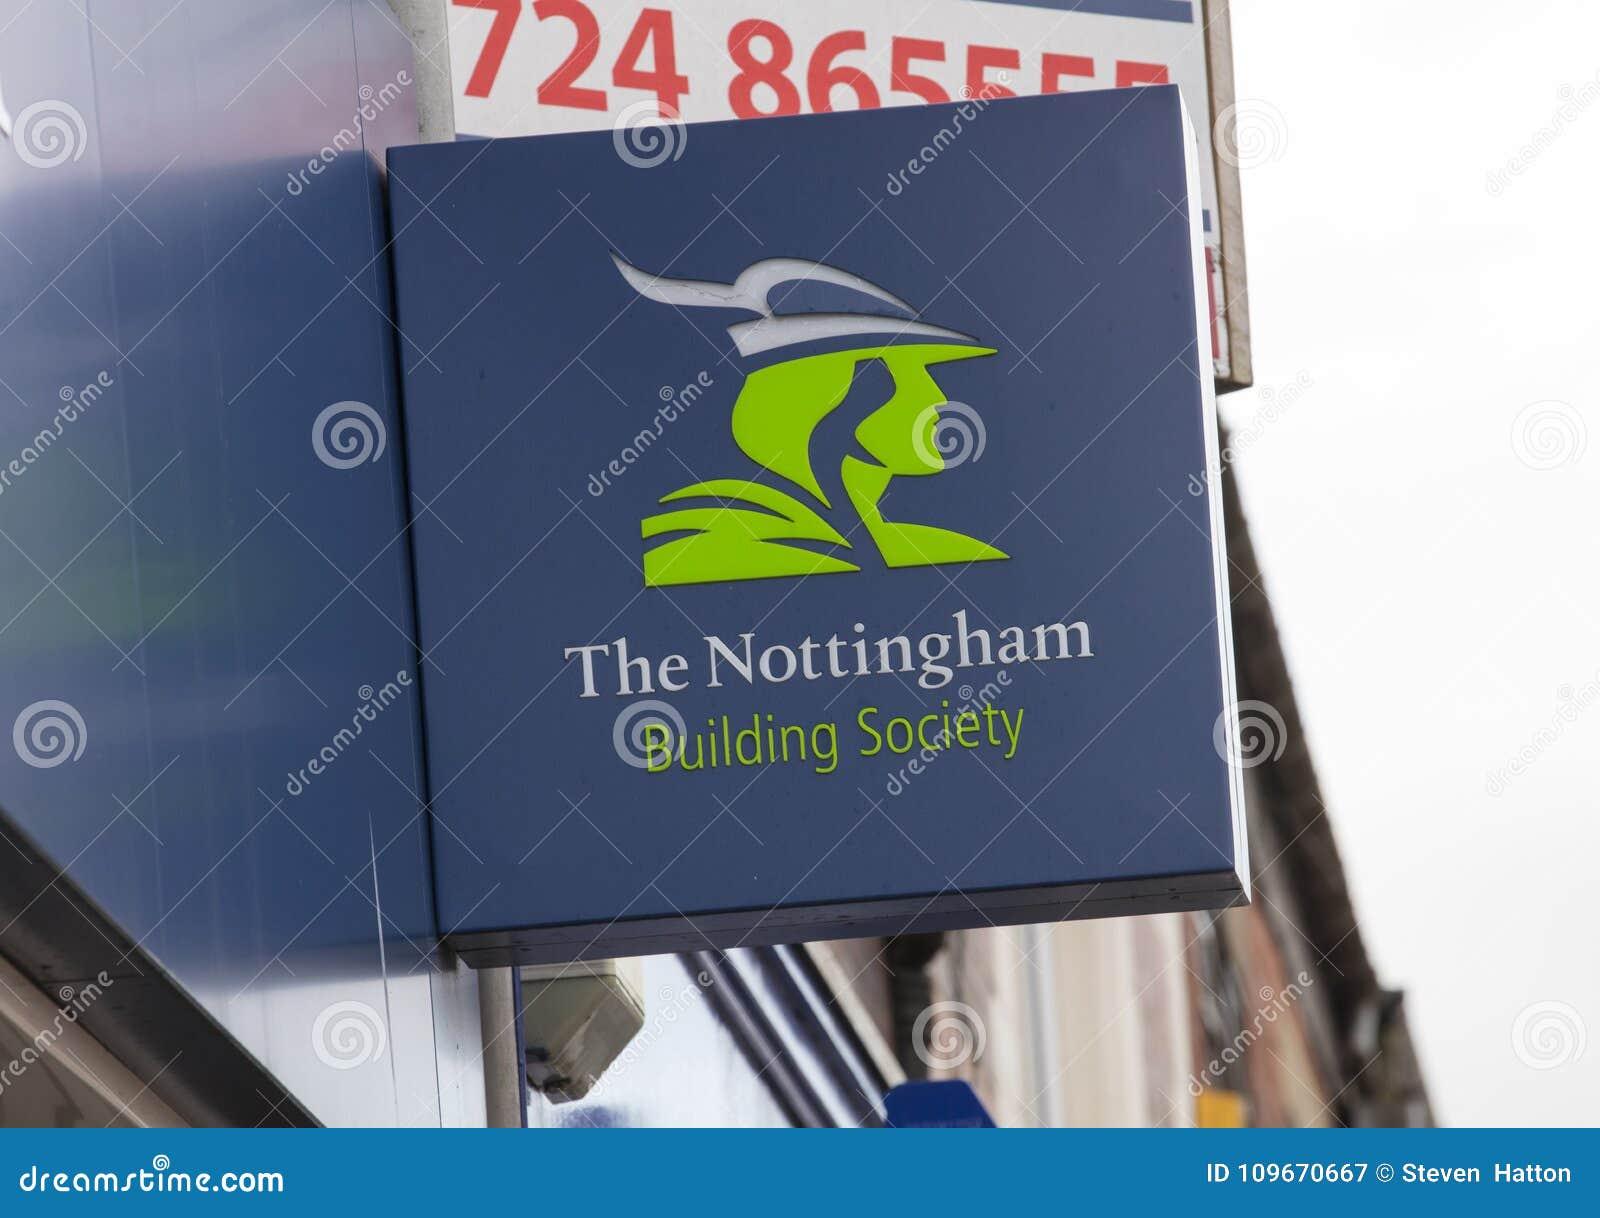 Σημάδι οικοδομικής εταιρείας του Νόττιγχαμ στην κεντρική οδό - Scunthorpe